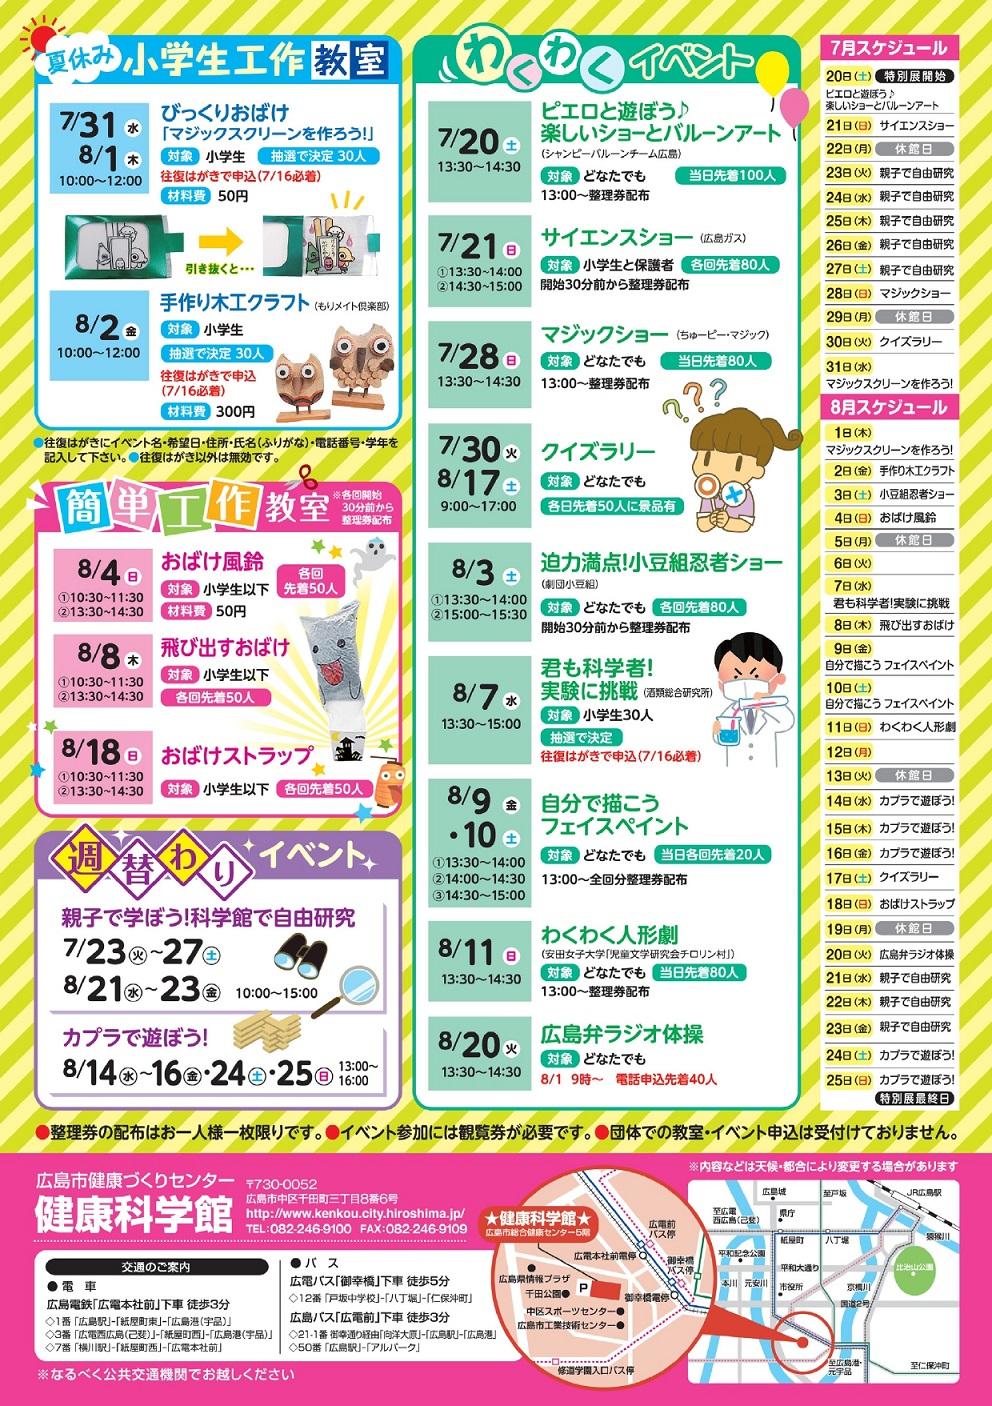 0618_裏面_再最終校 _page-0001.jpg